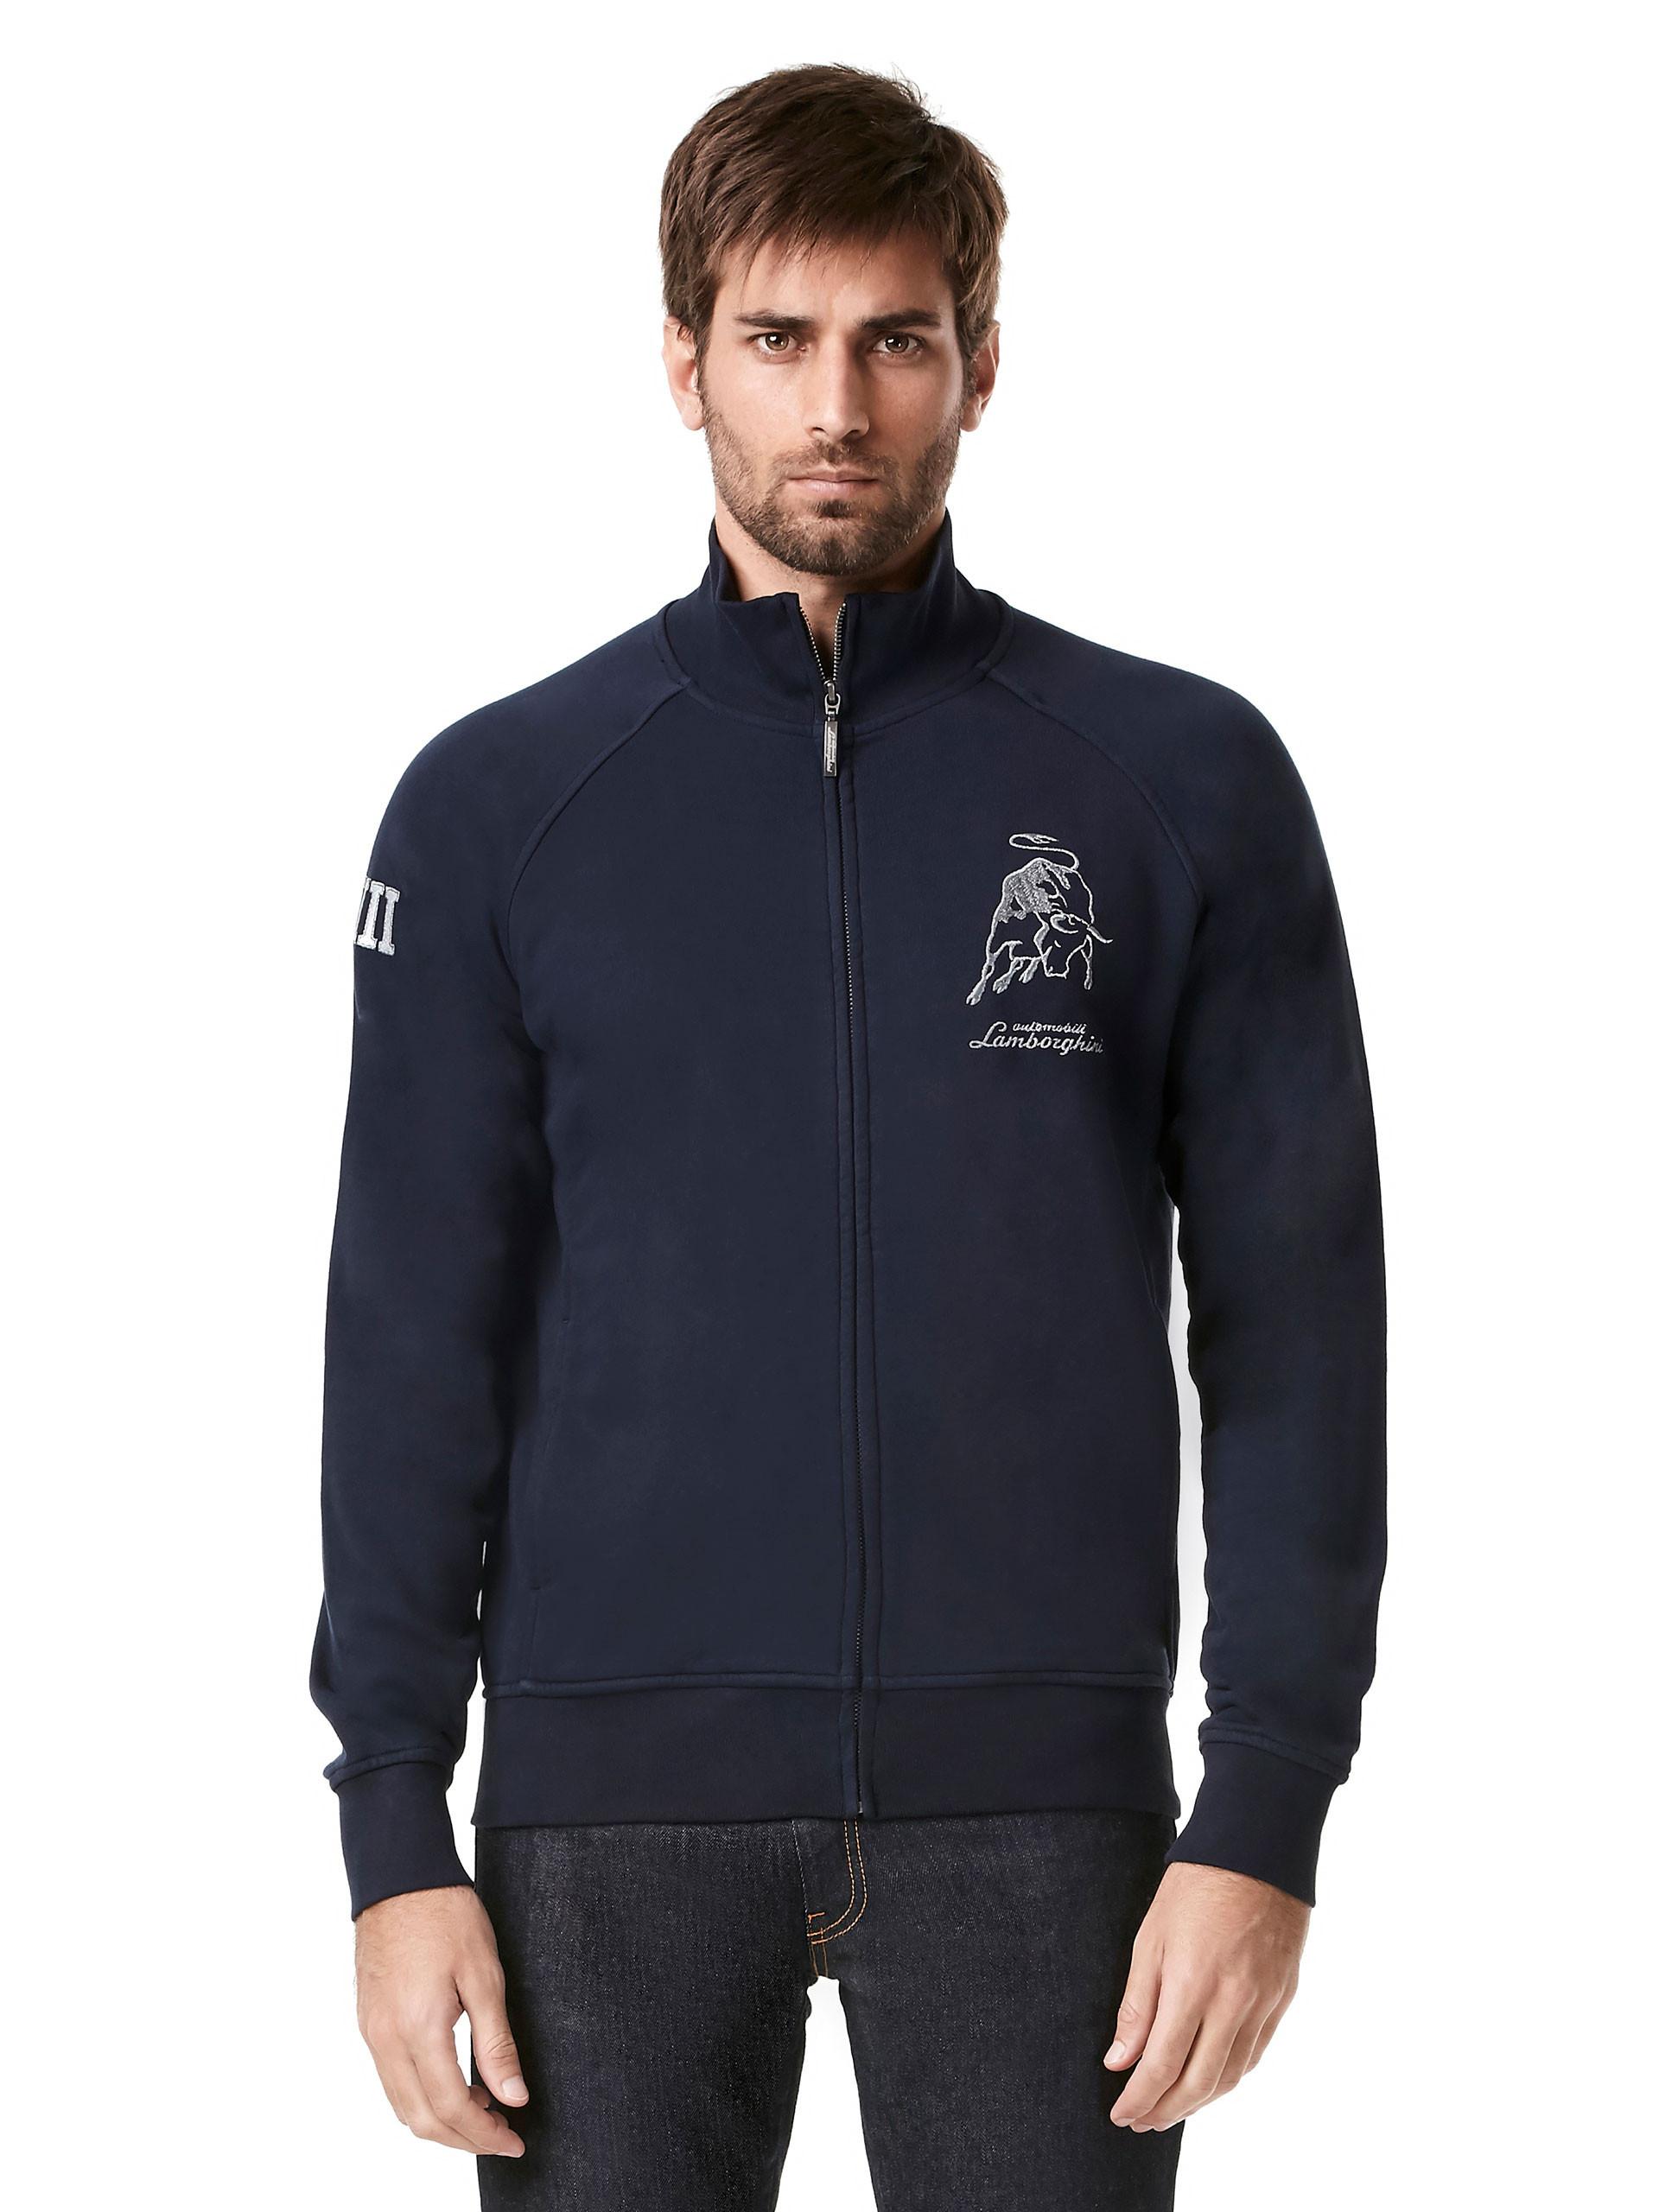 Men's Special Edition Bull LXIII sweatshirt